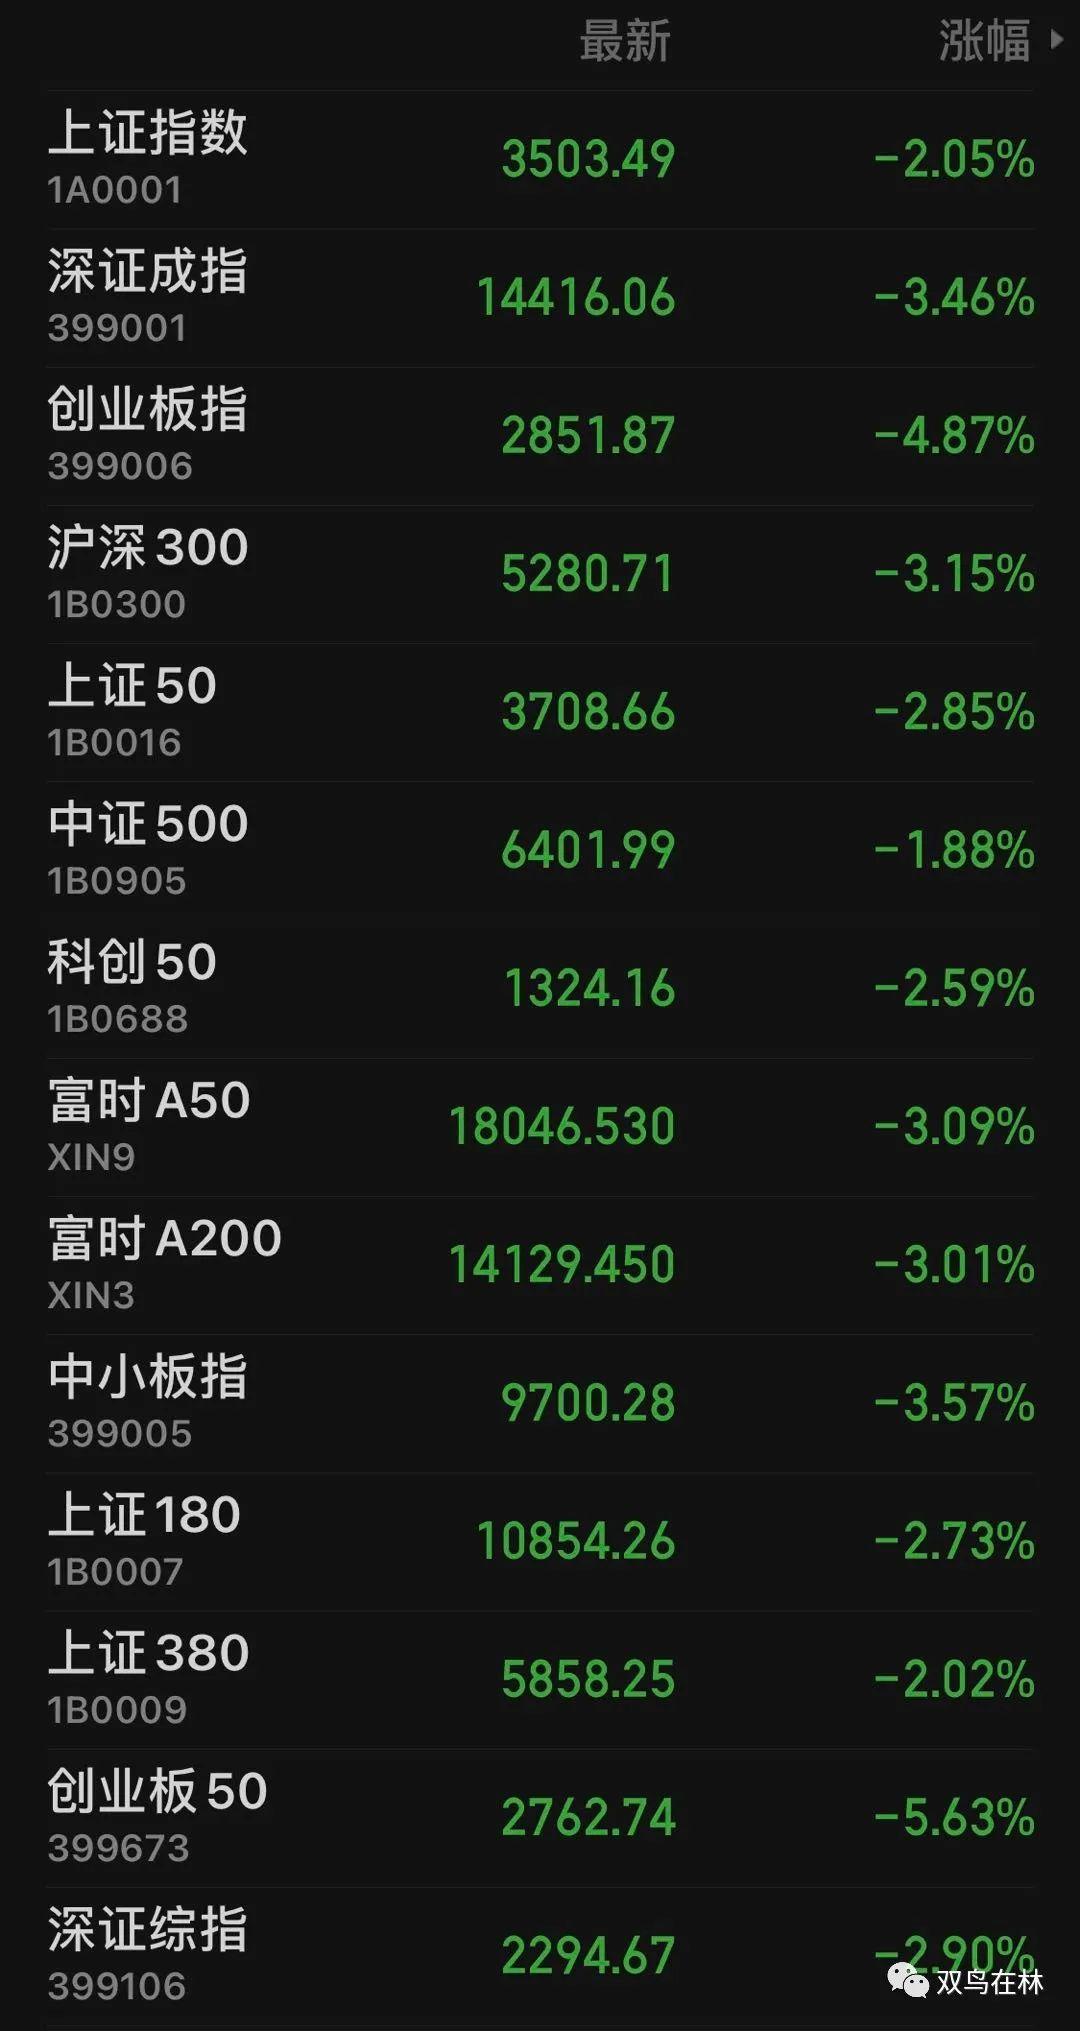 创业板跌4.87%,茅台跌5%,市场怎么了?